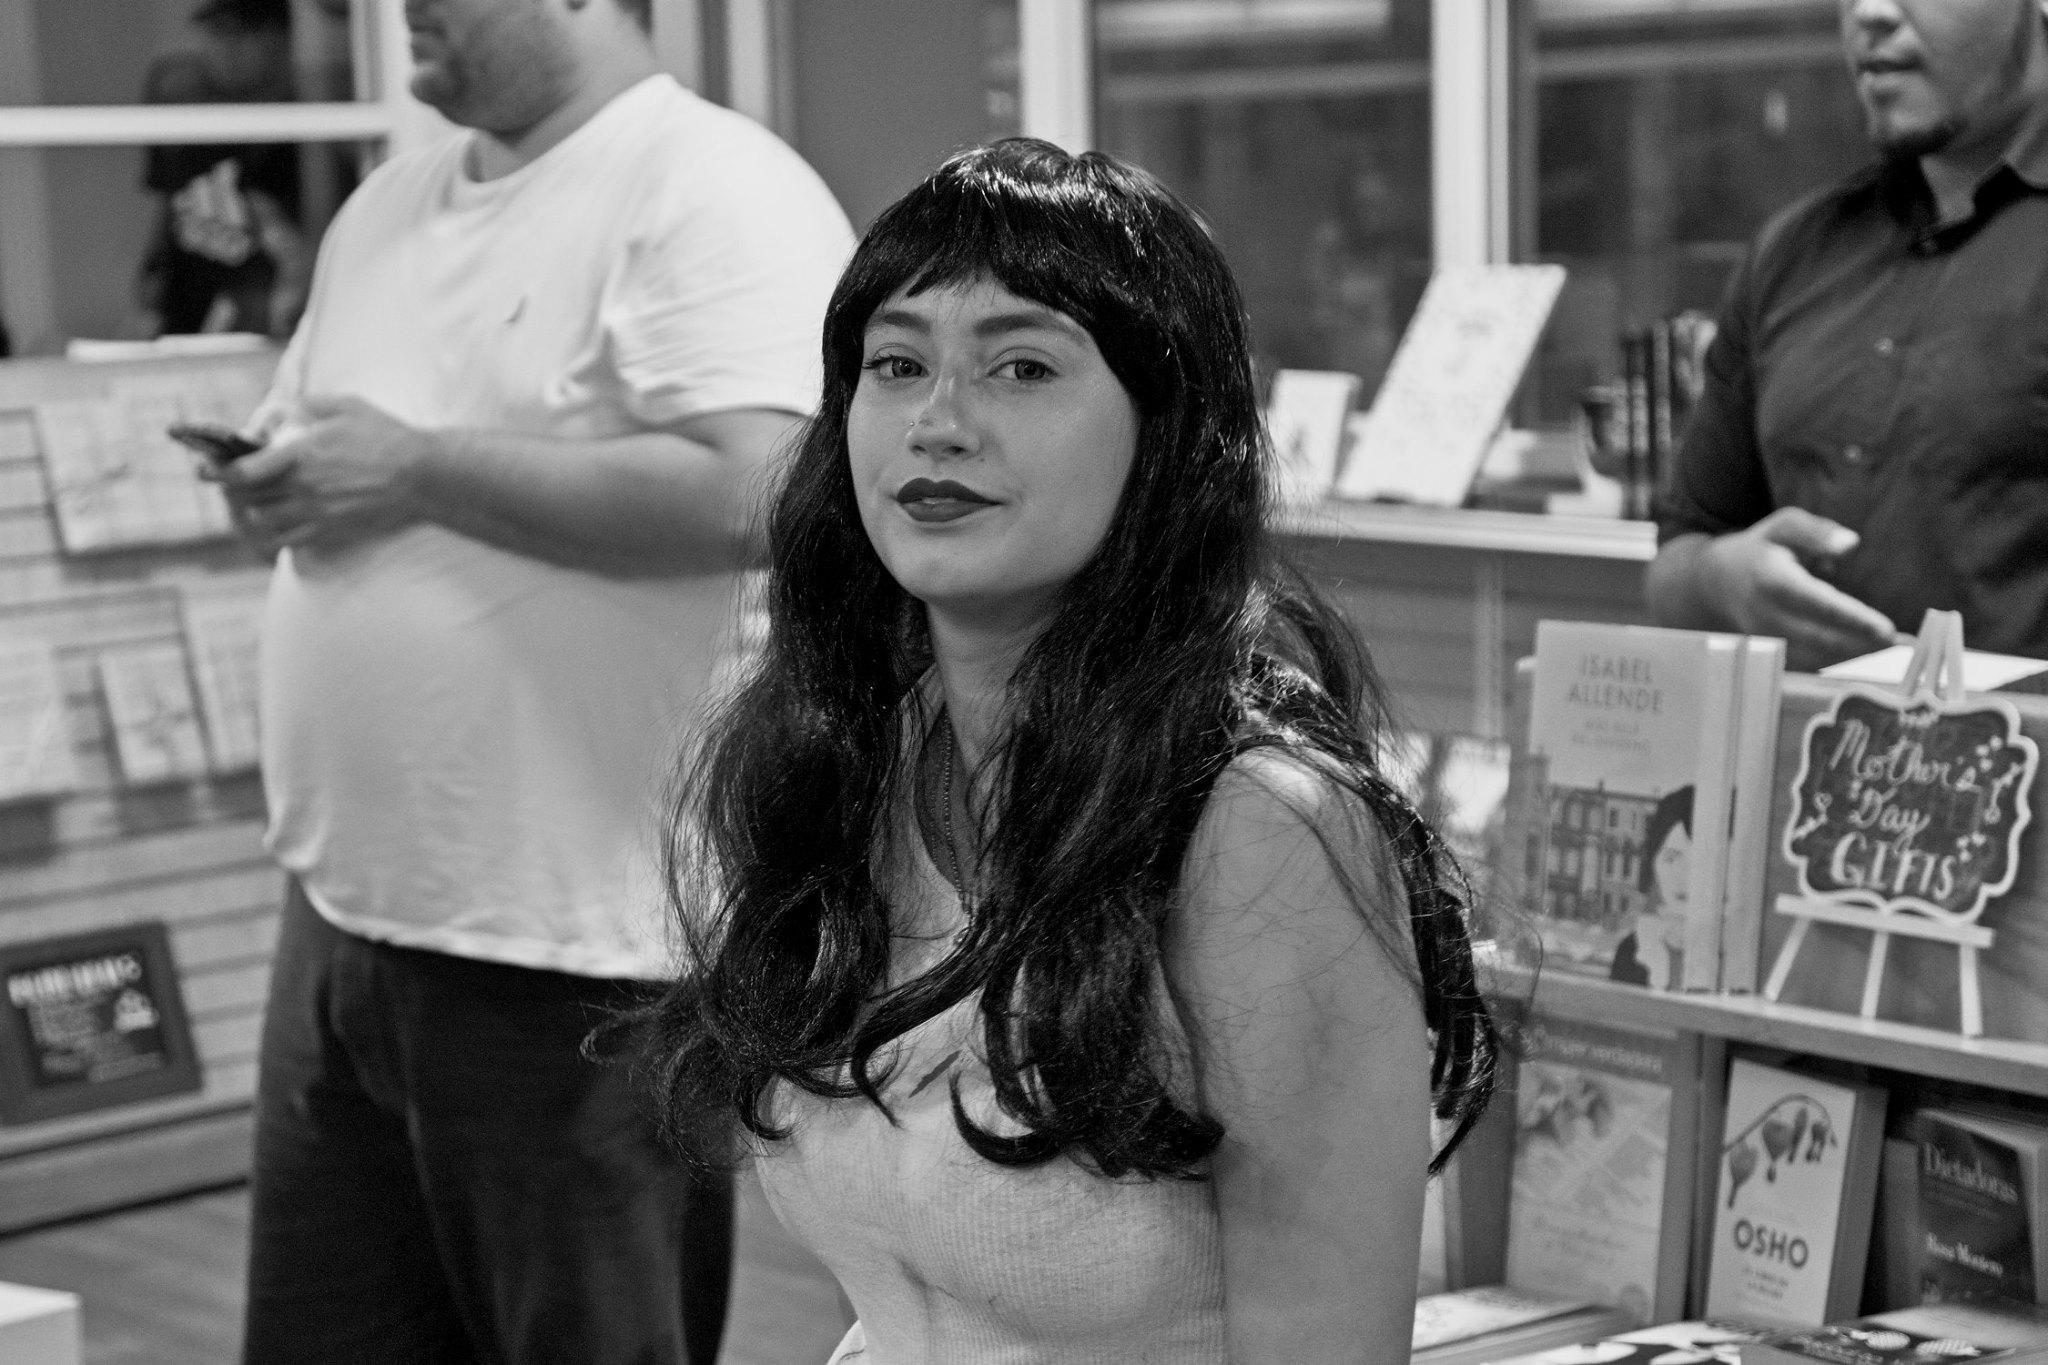 Laziva durante el Encuentro de Artistas de Cómics en The Bookmark.